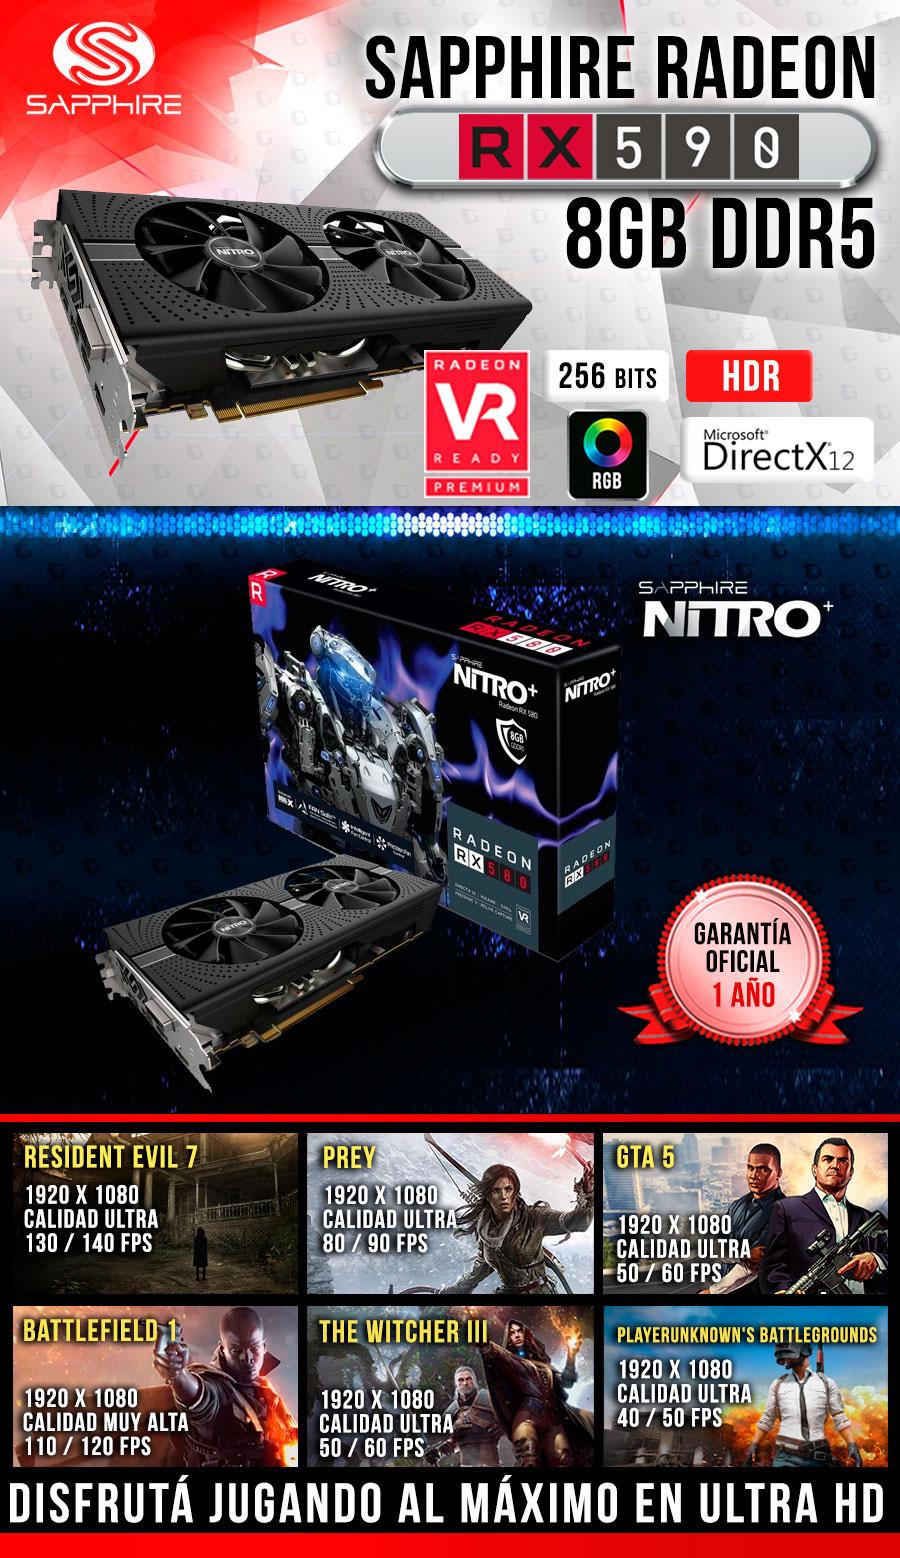 nueva computadora gamer 2019 con tarjeta de video radeon rx 590 8gb ddr5